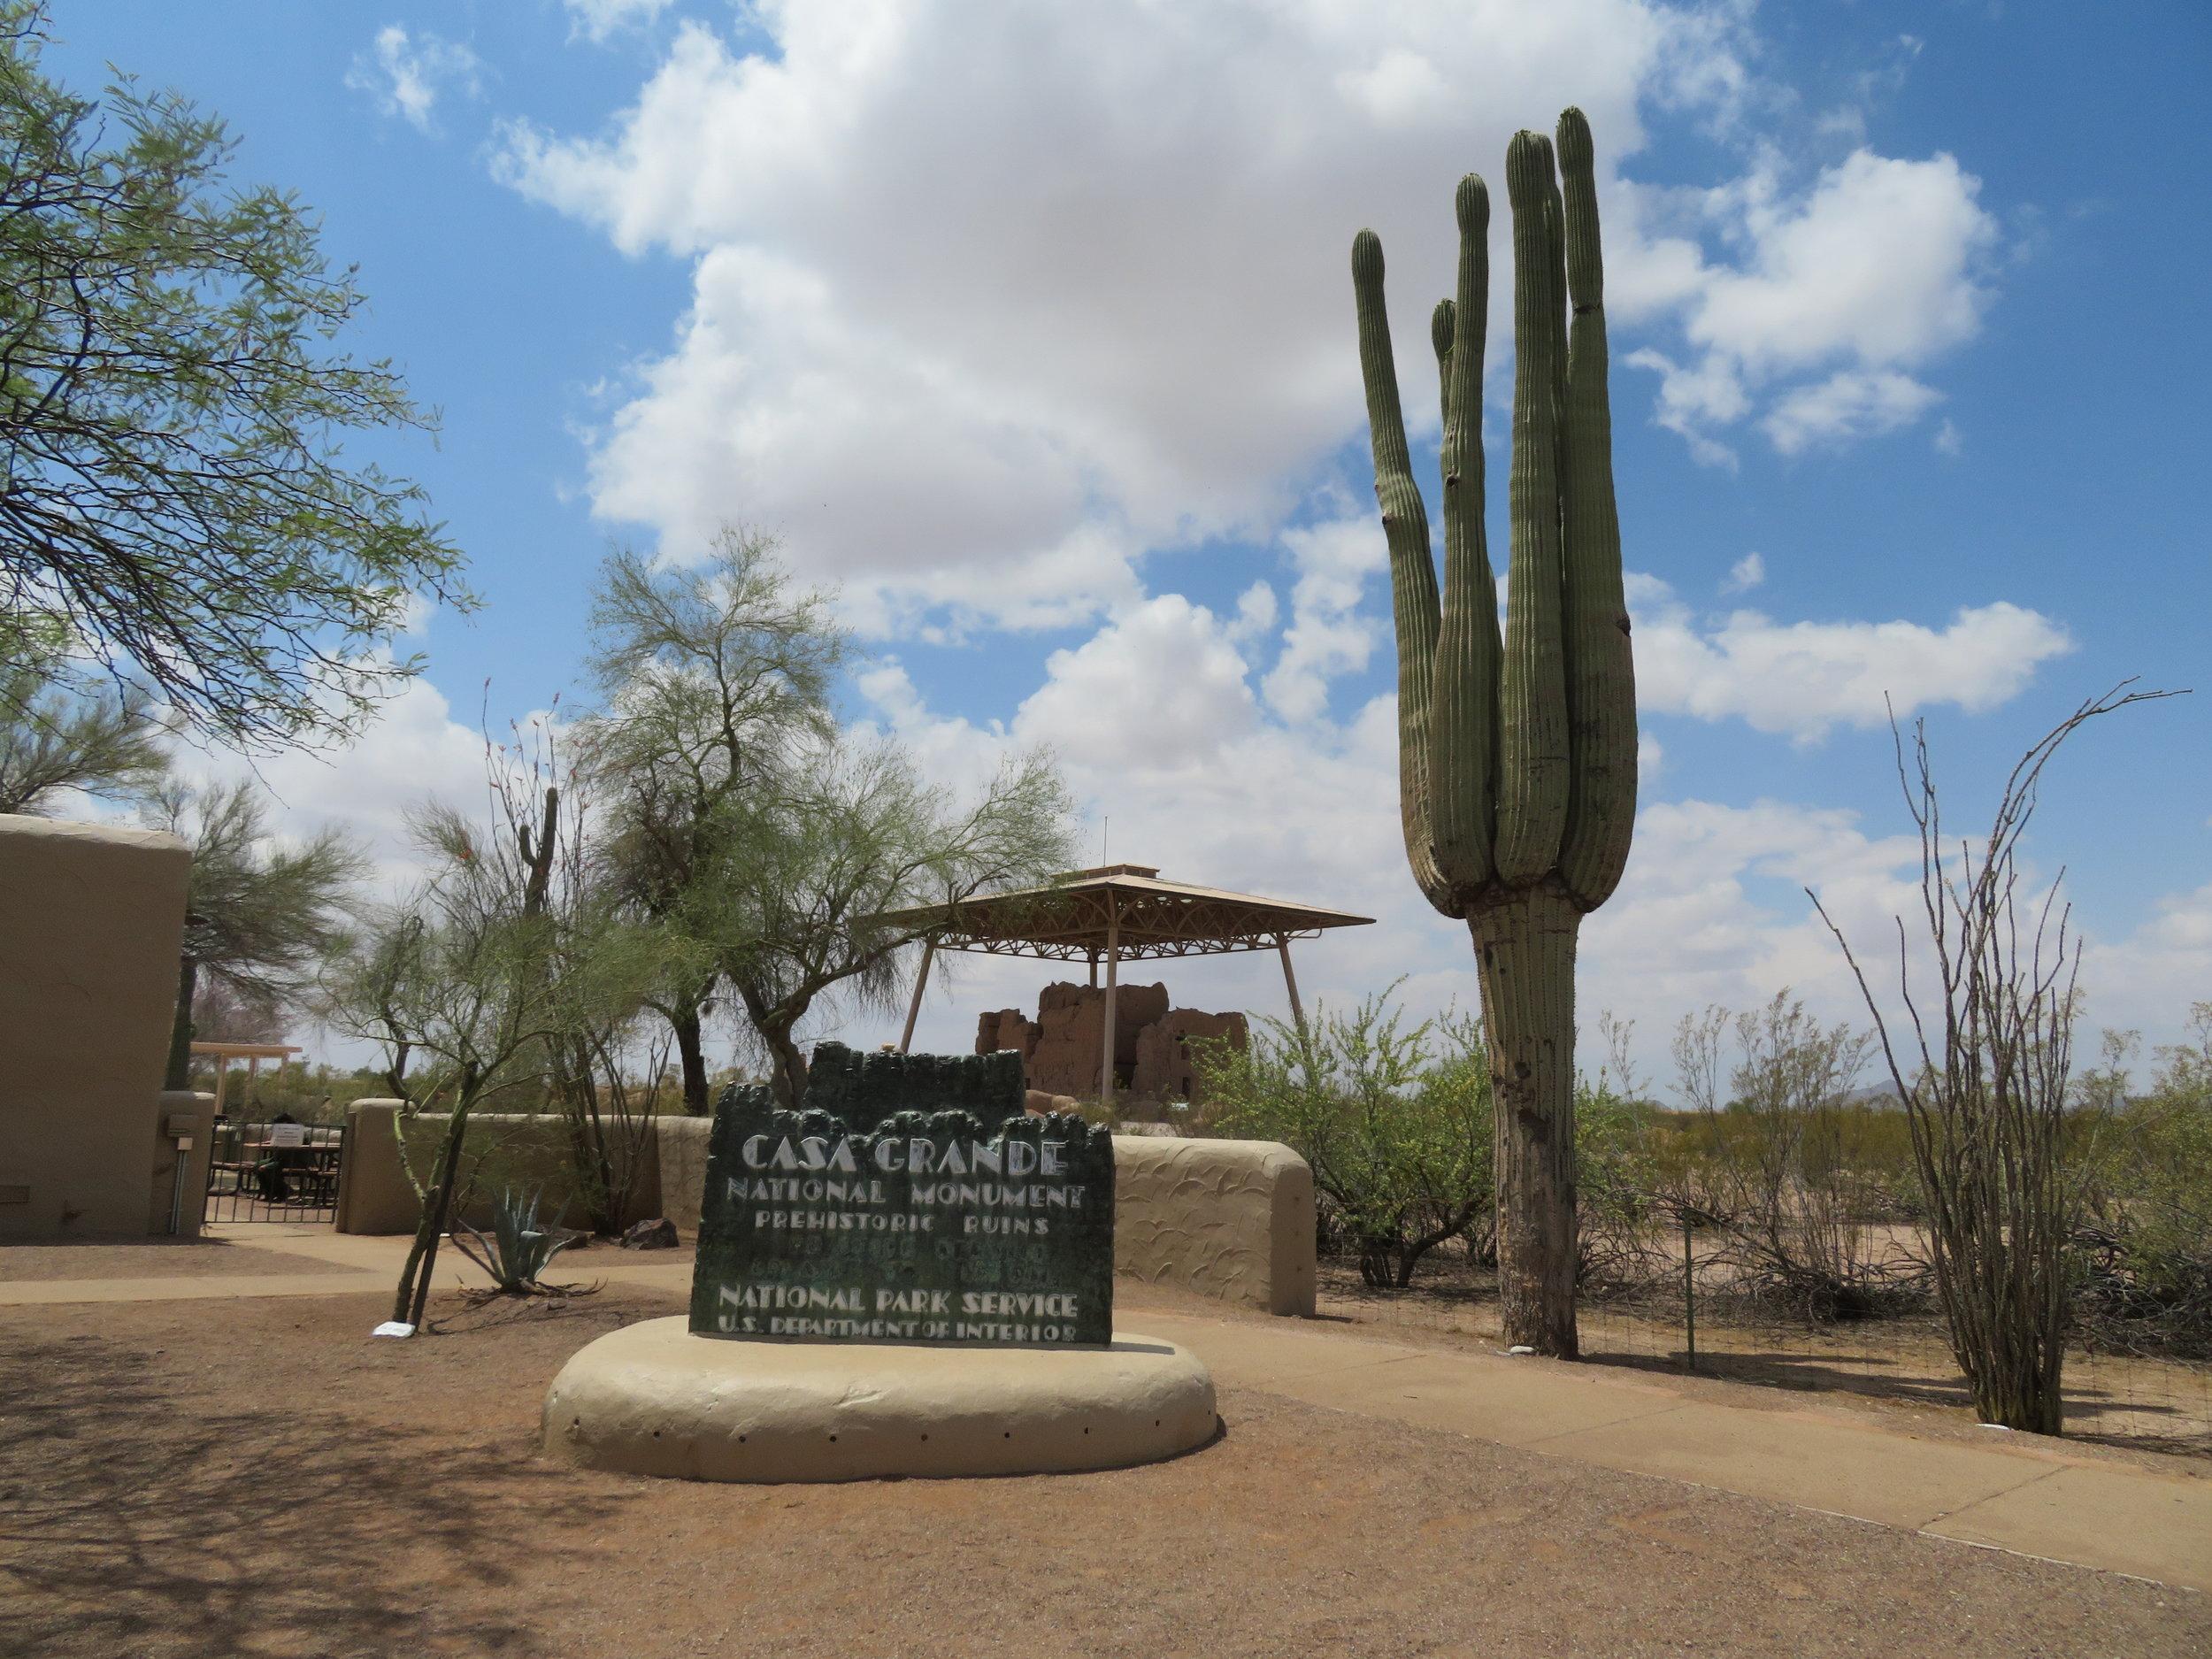 Casa Grande Ruins National Monument  - Coolidge, AZ - May 2018